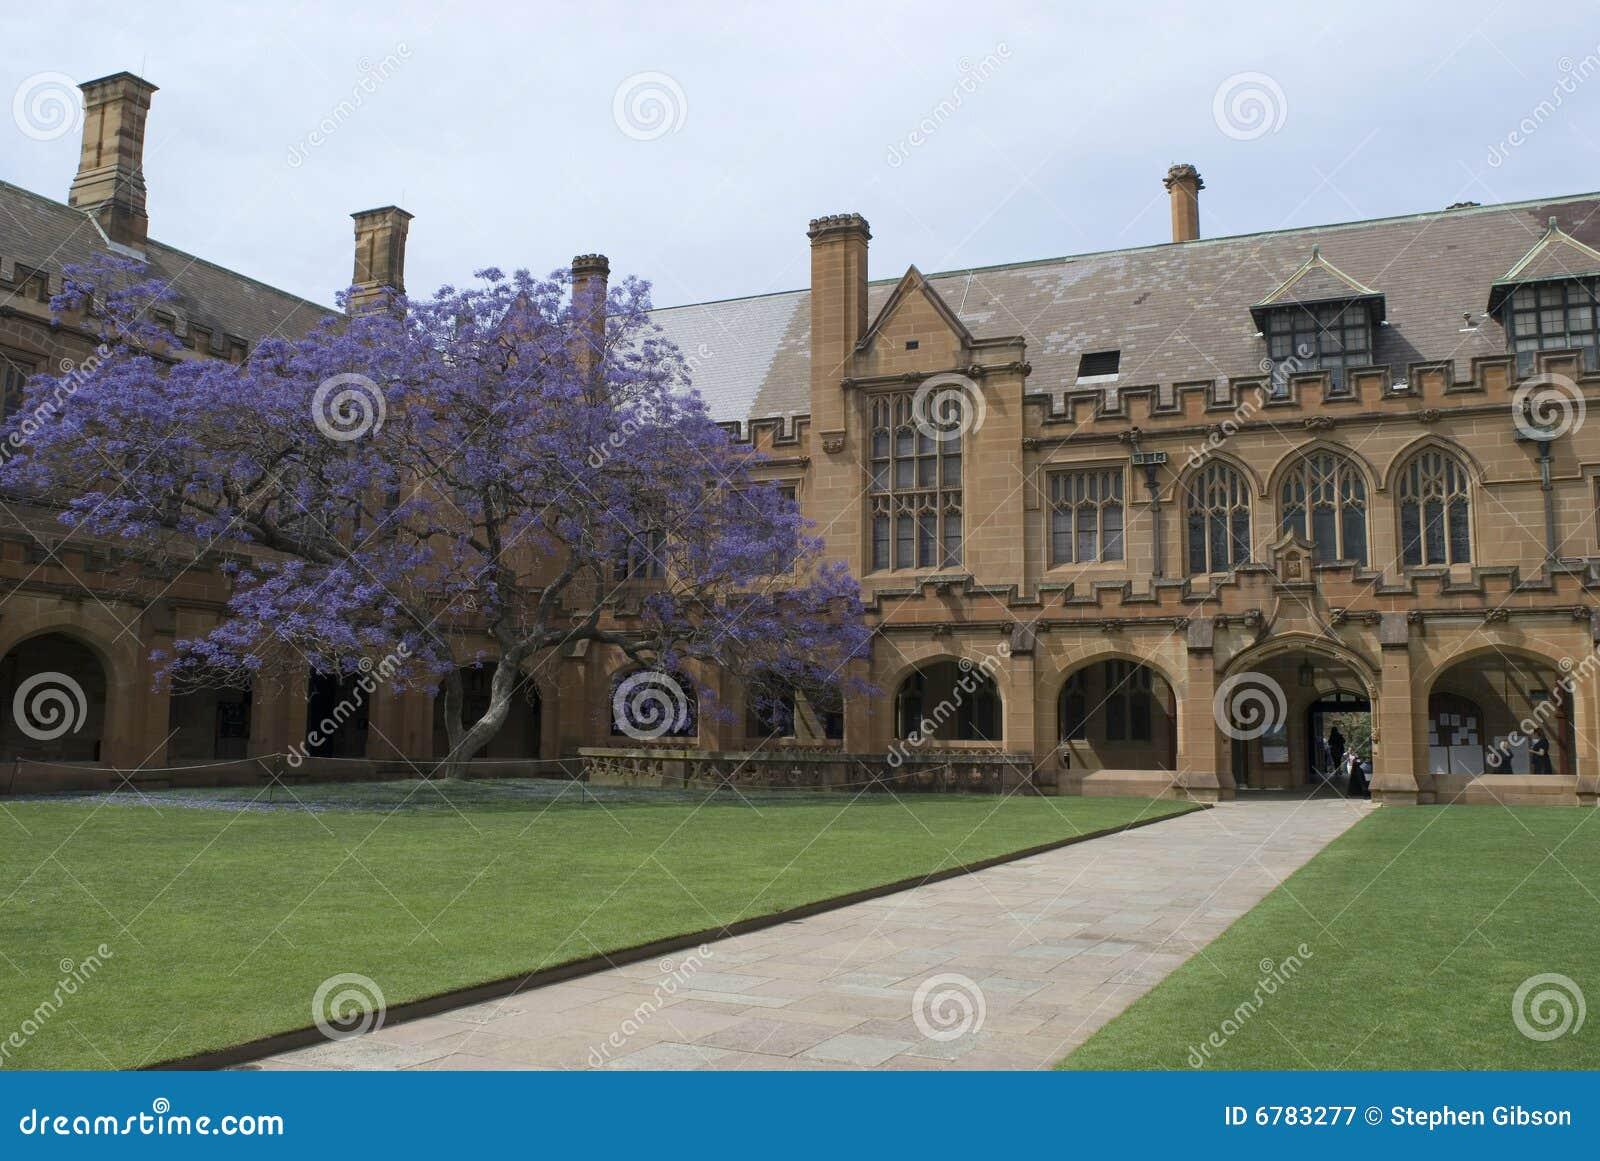 Sydney university quadrangle royalty free stock for Architecture adelaide uni